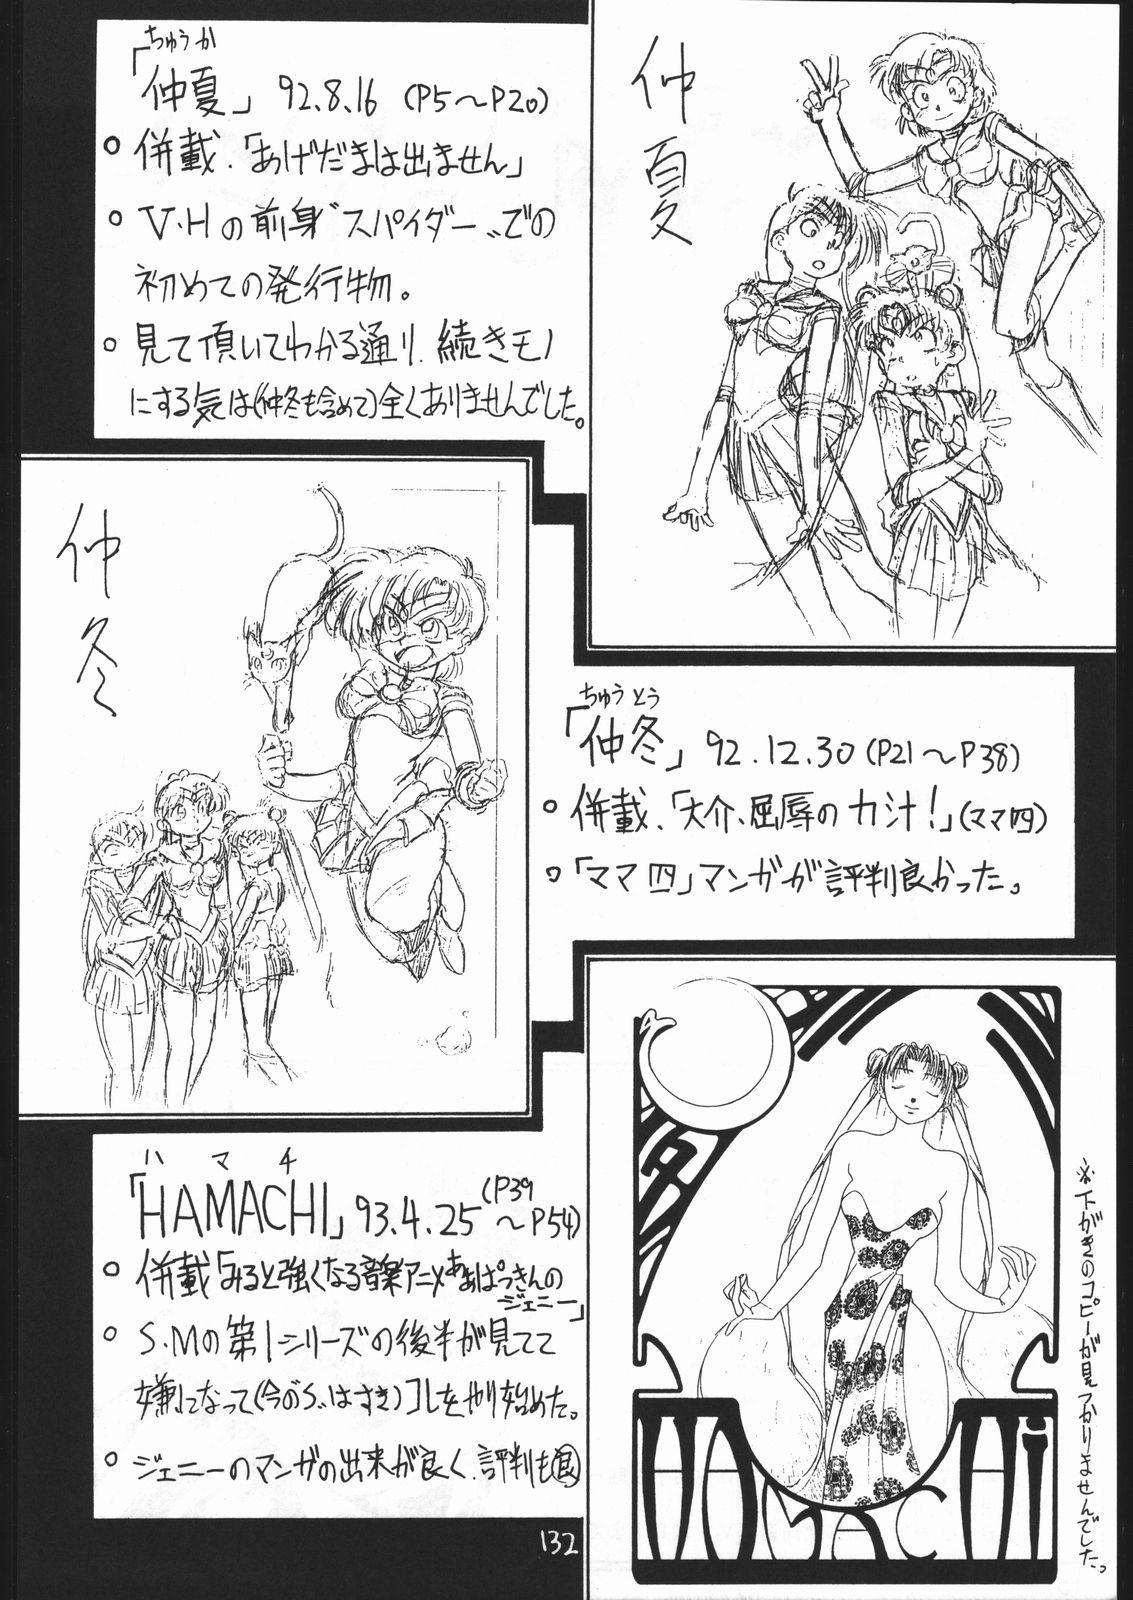 V・H・S・M Vol. 1 130